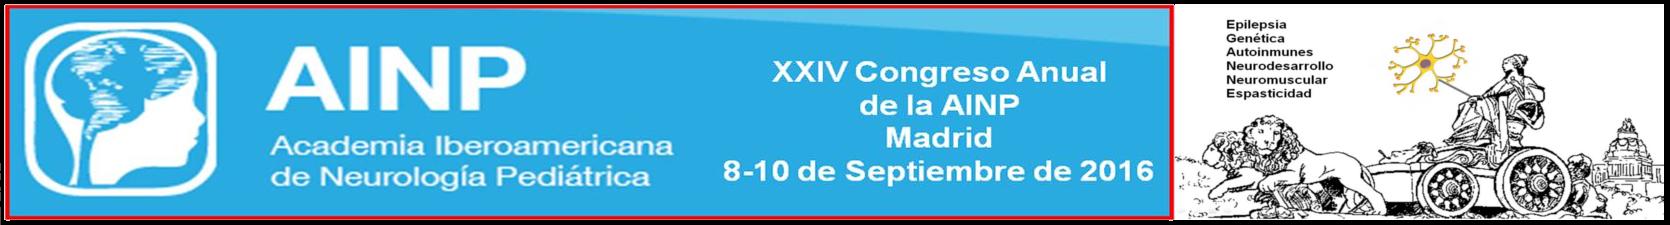 Organización de congreso en Madrid